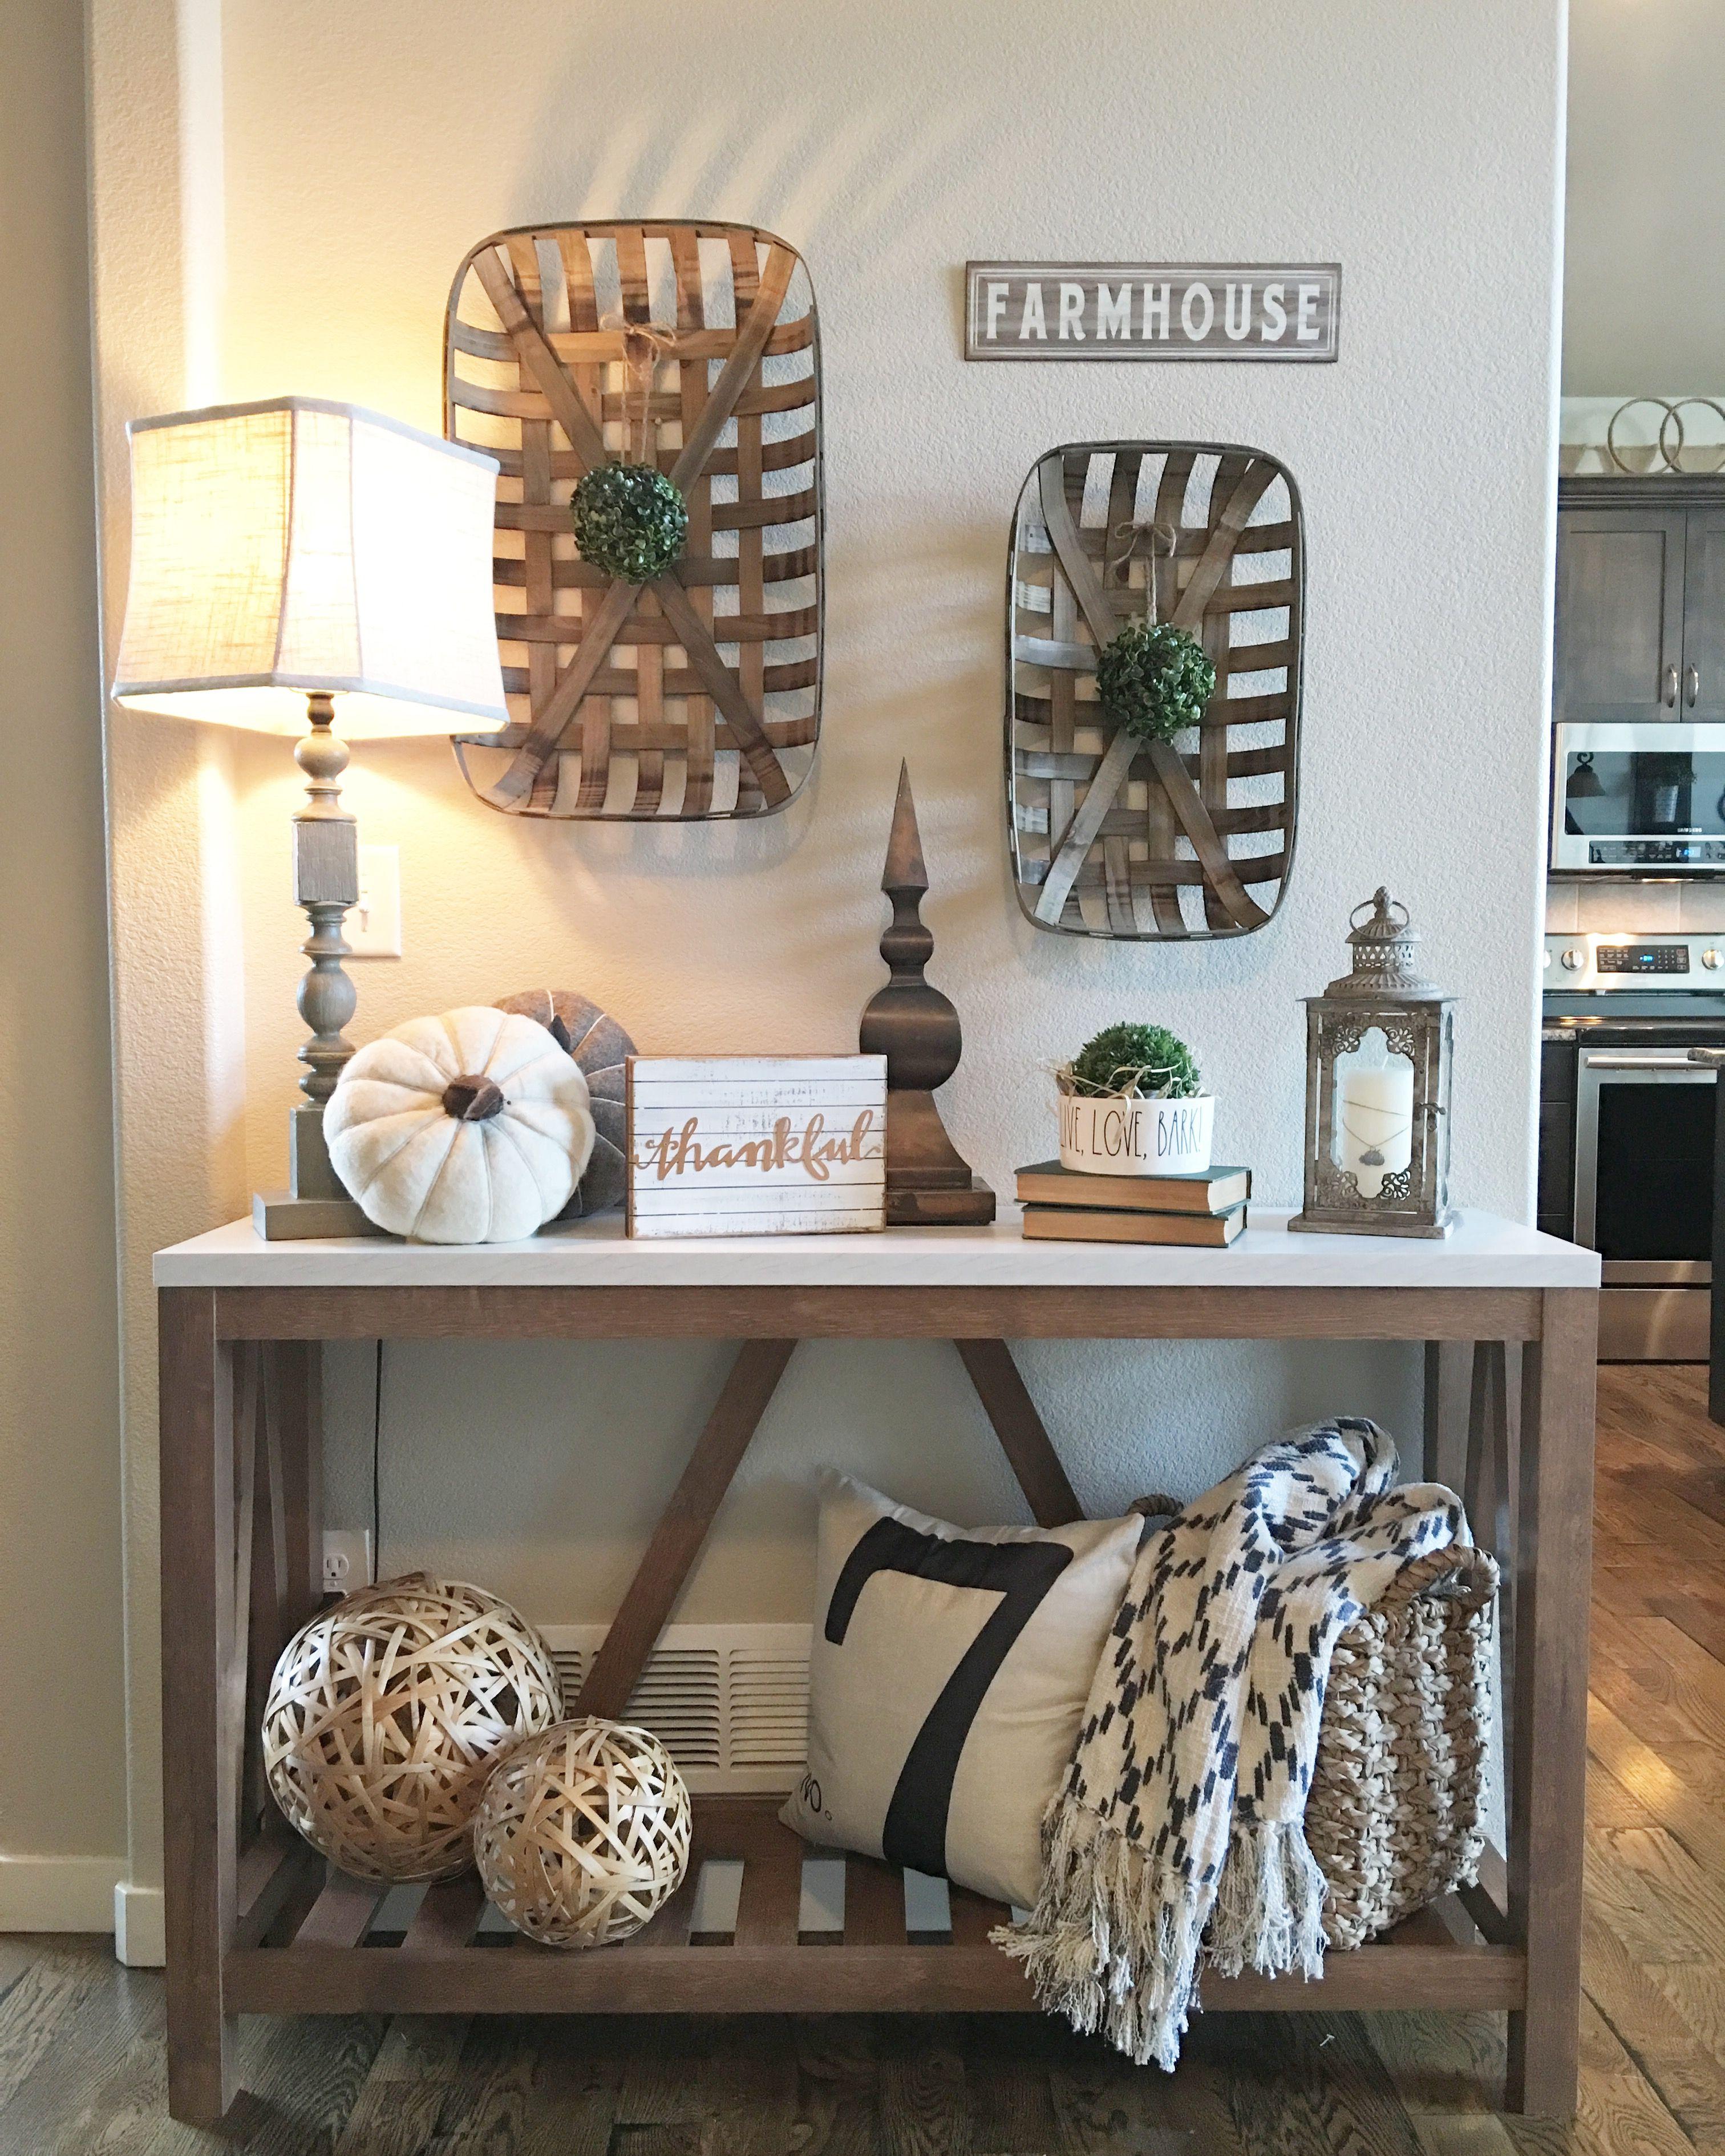 Styled Entry Farmhouse Table Krossdesigninspiration Home Decor Entry Table Decor Farmhouse Entry Table